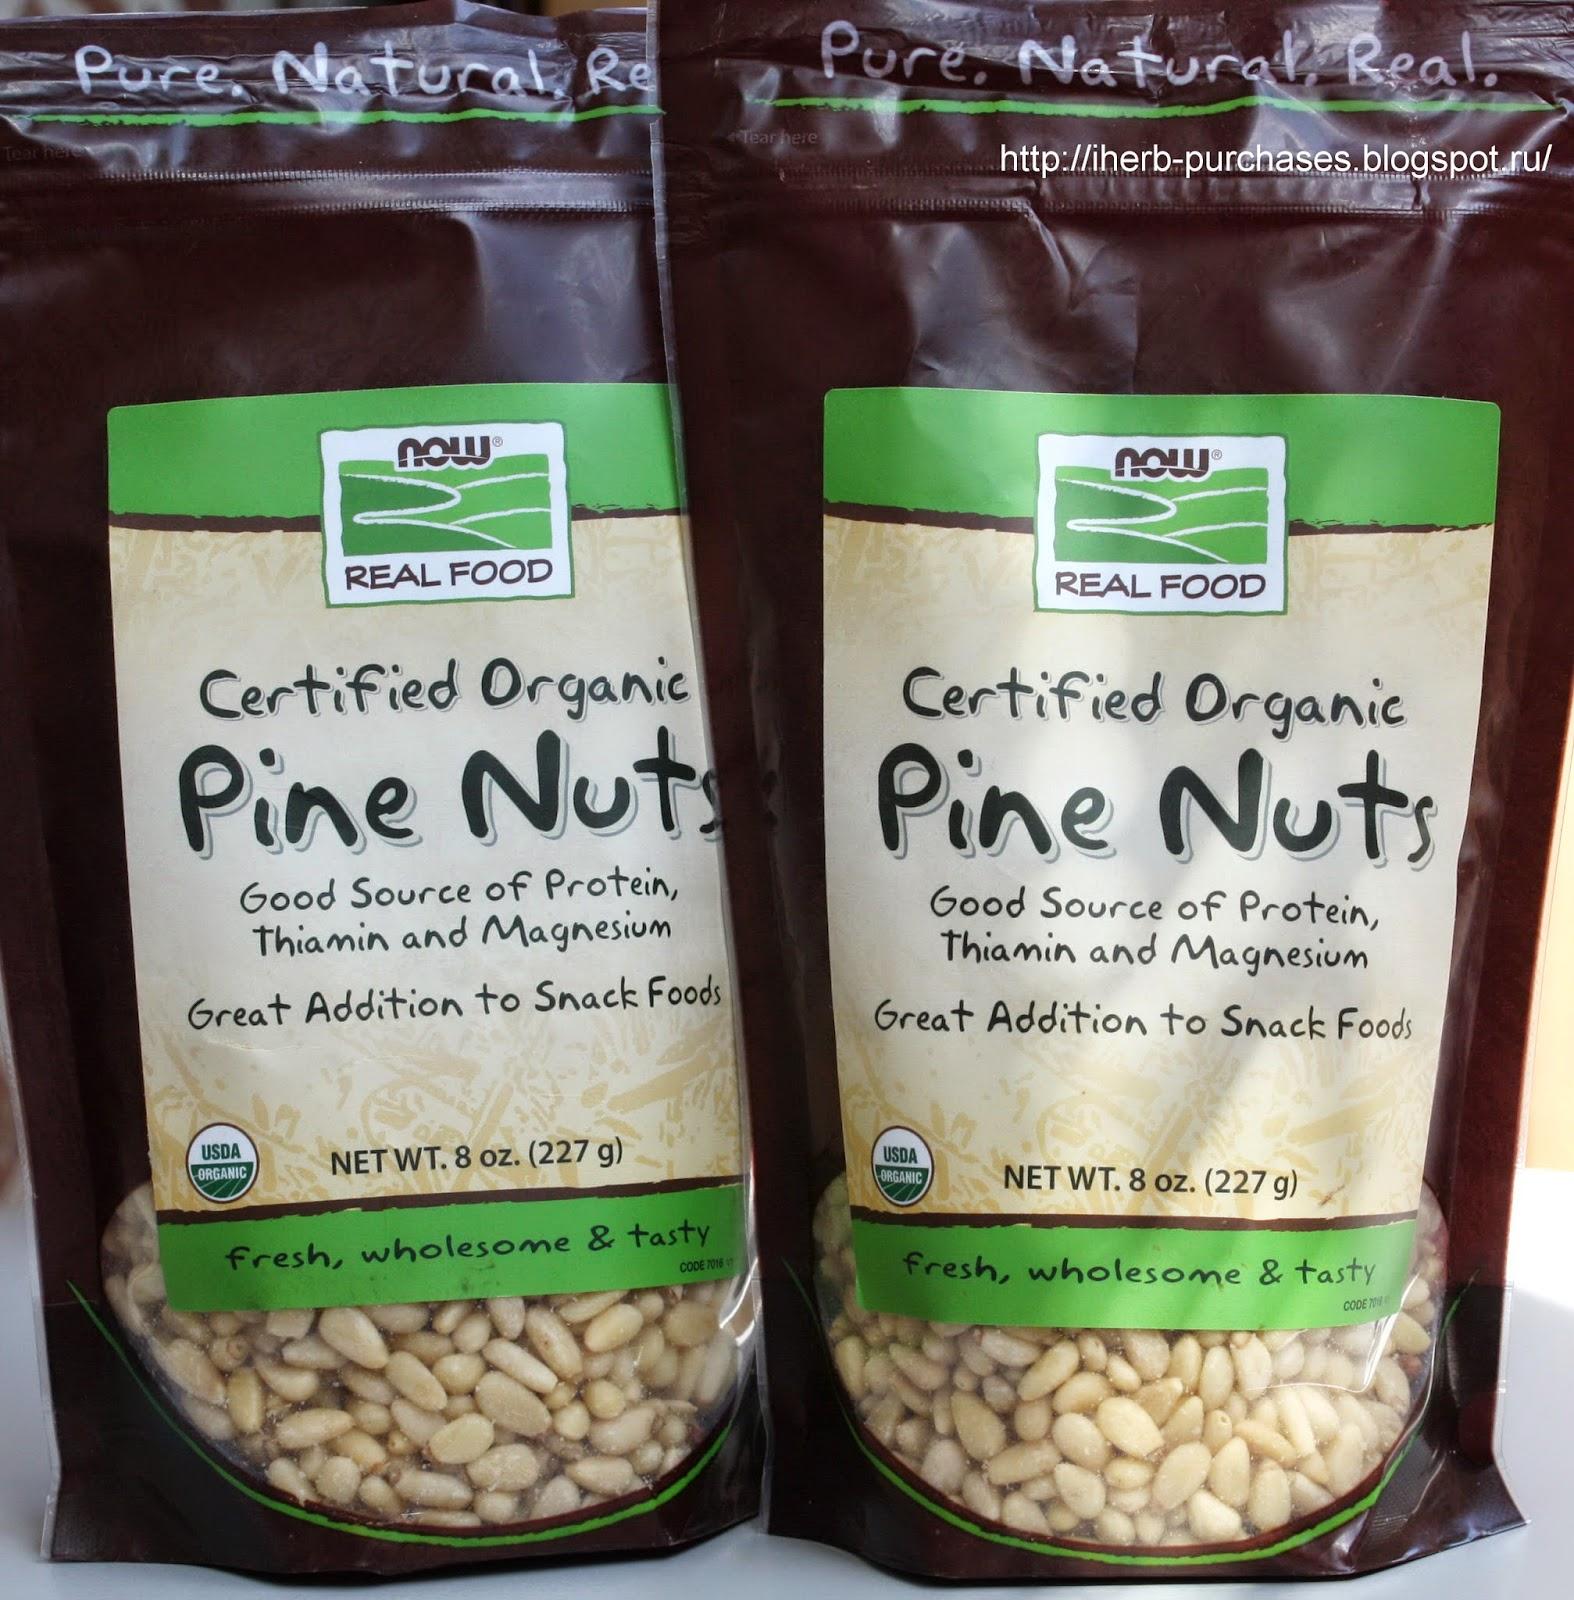 орех, кедровые орехи, полезно, вкусно, отзыв, iherb